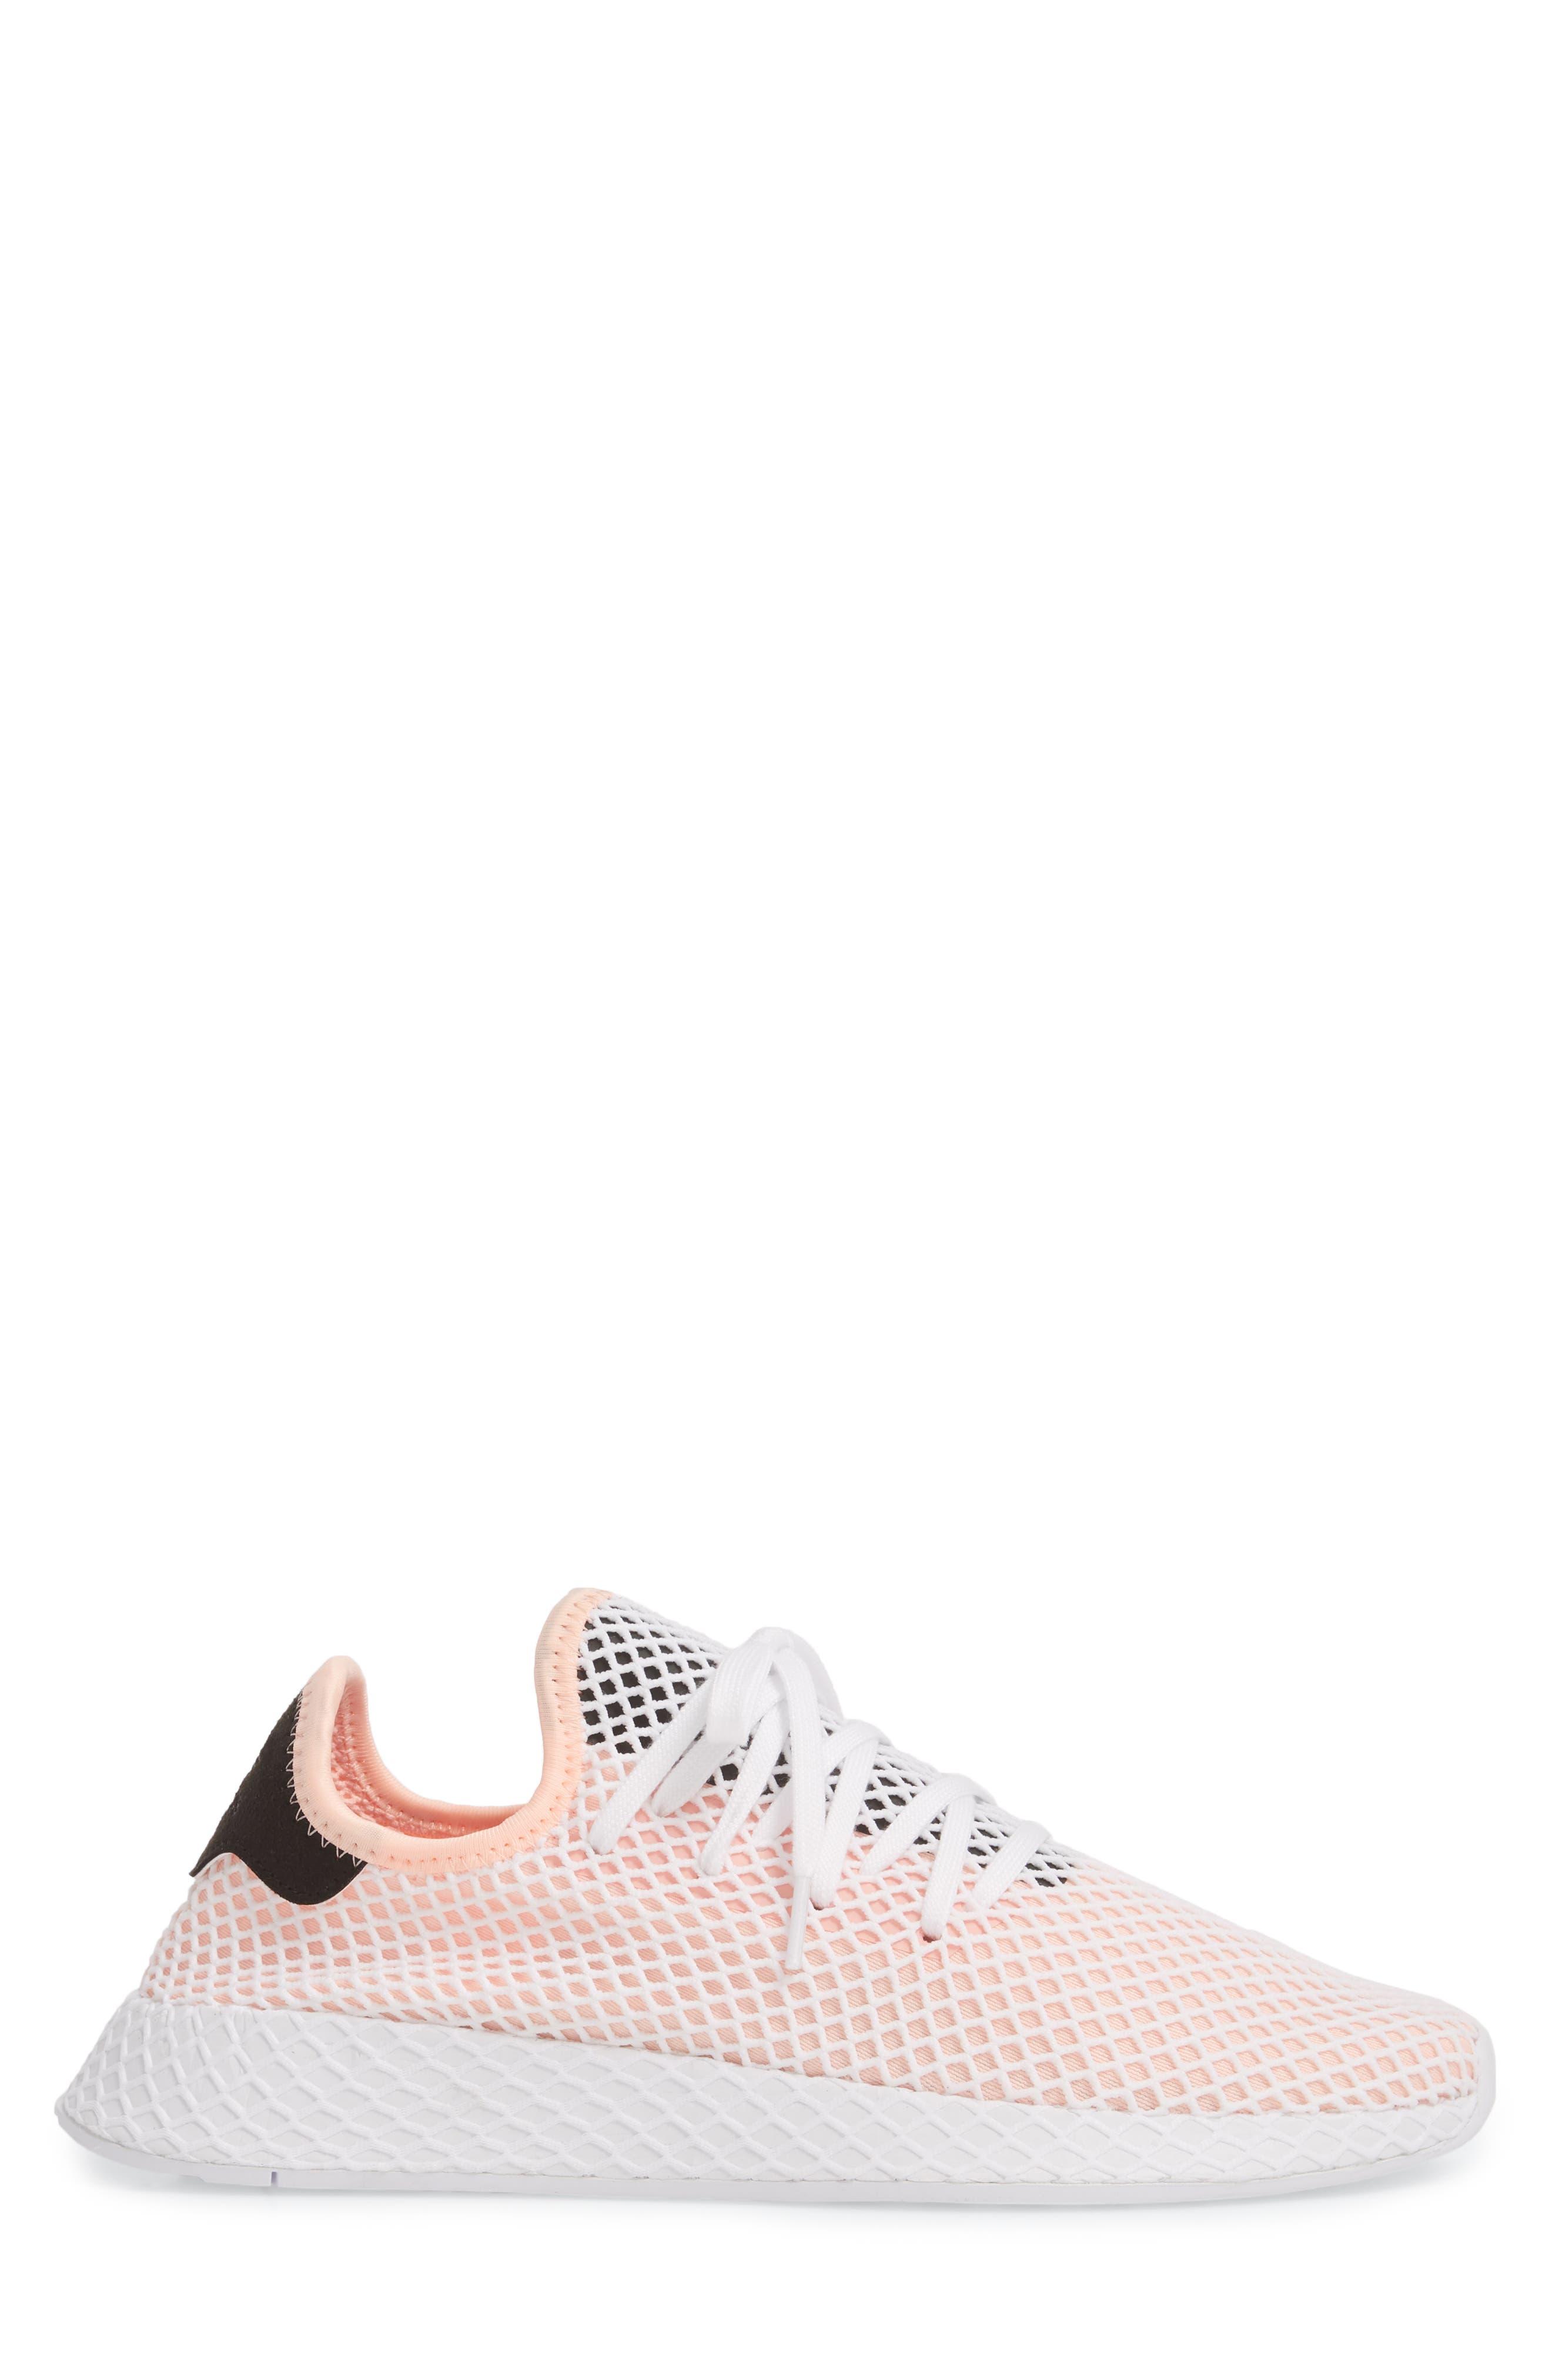 Deerupt Runner Sneaker,                             Alternate thumbnail 3, color,                             Black/ Black/ White